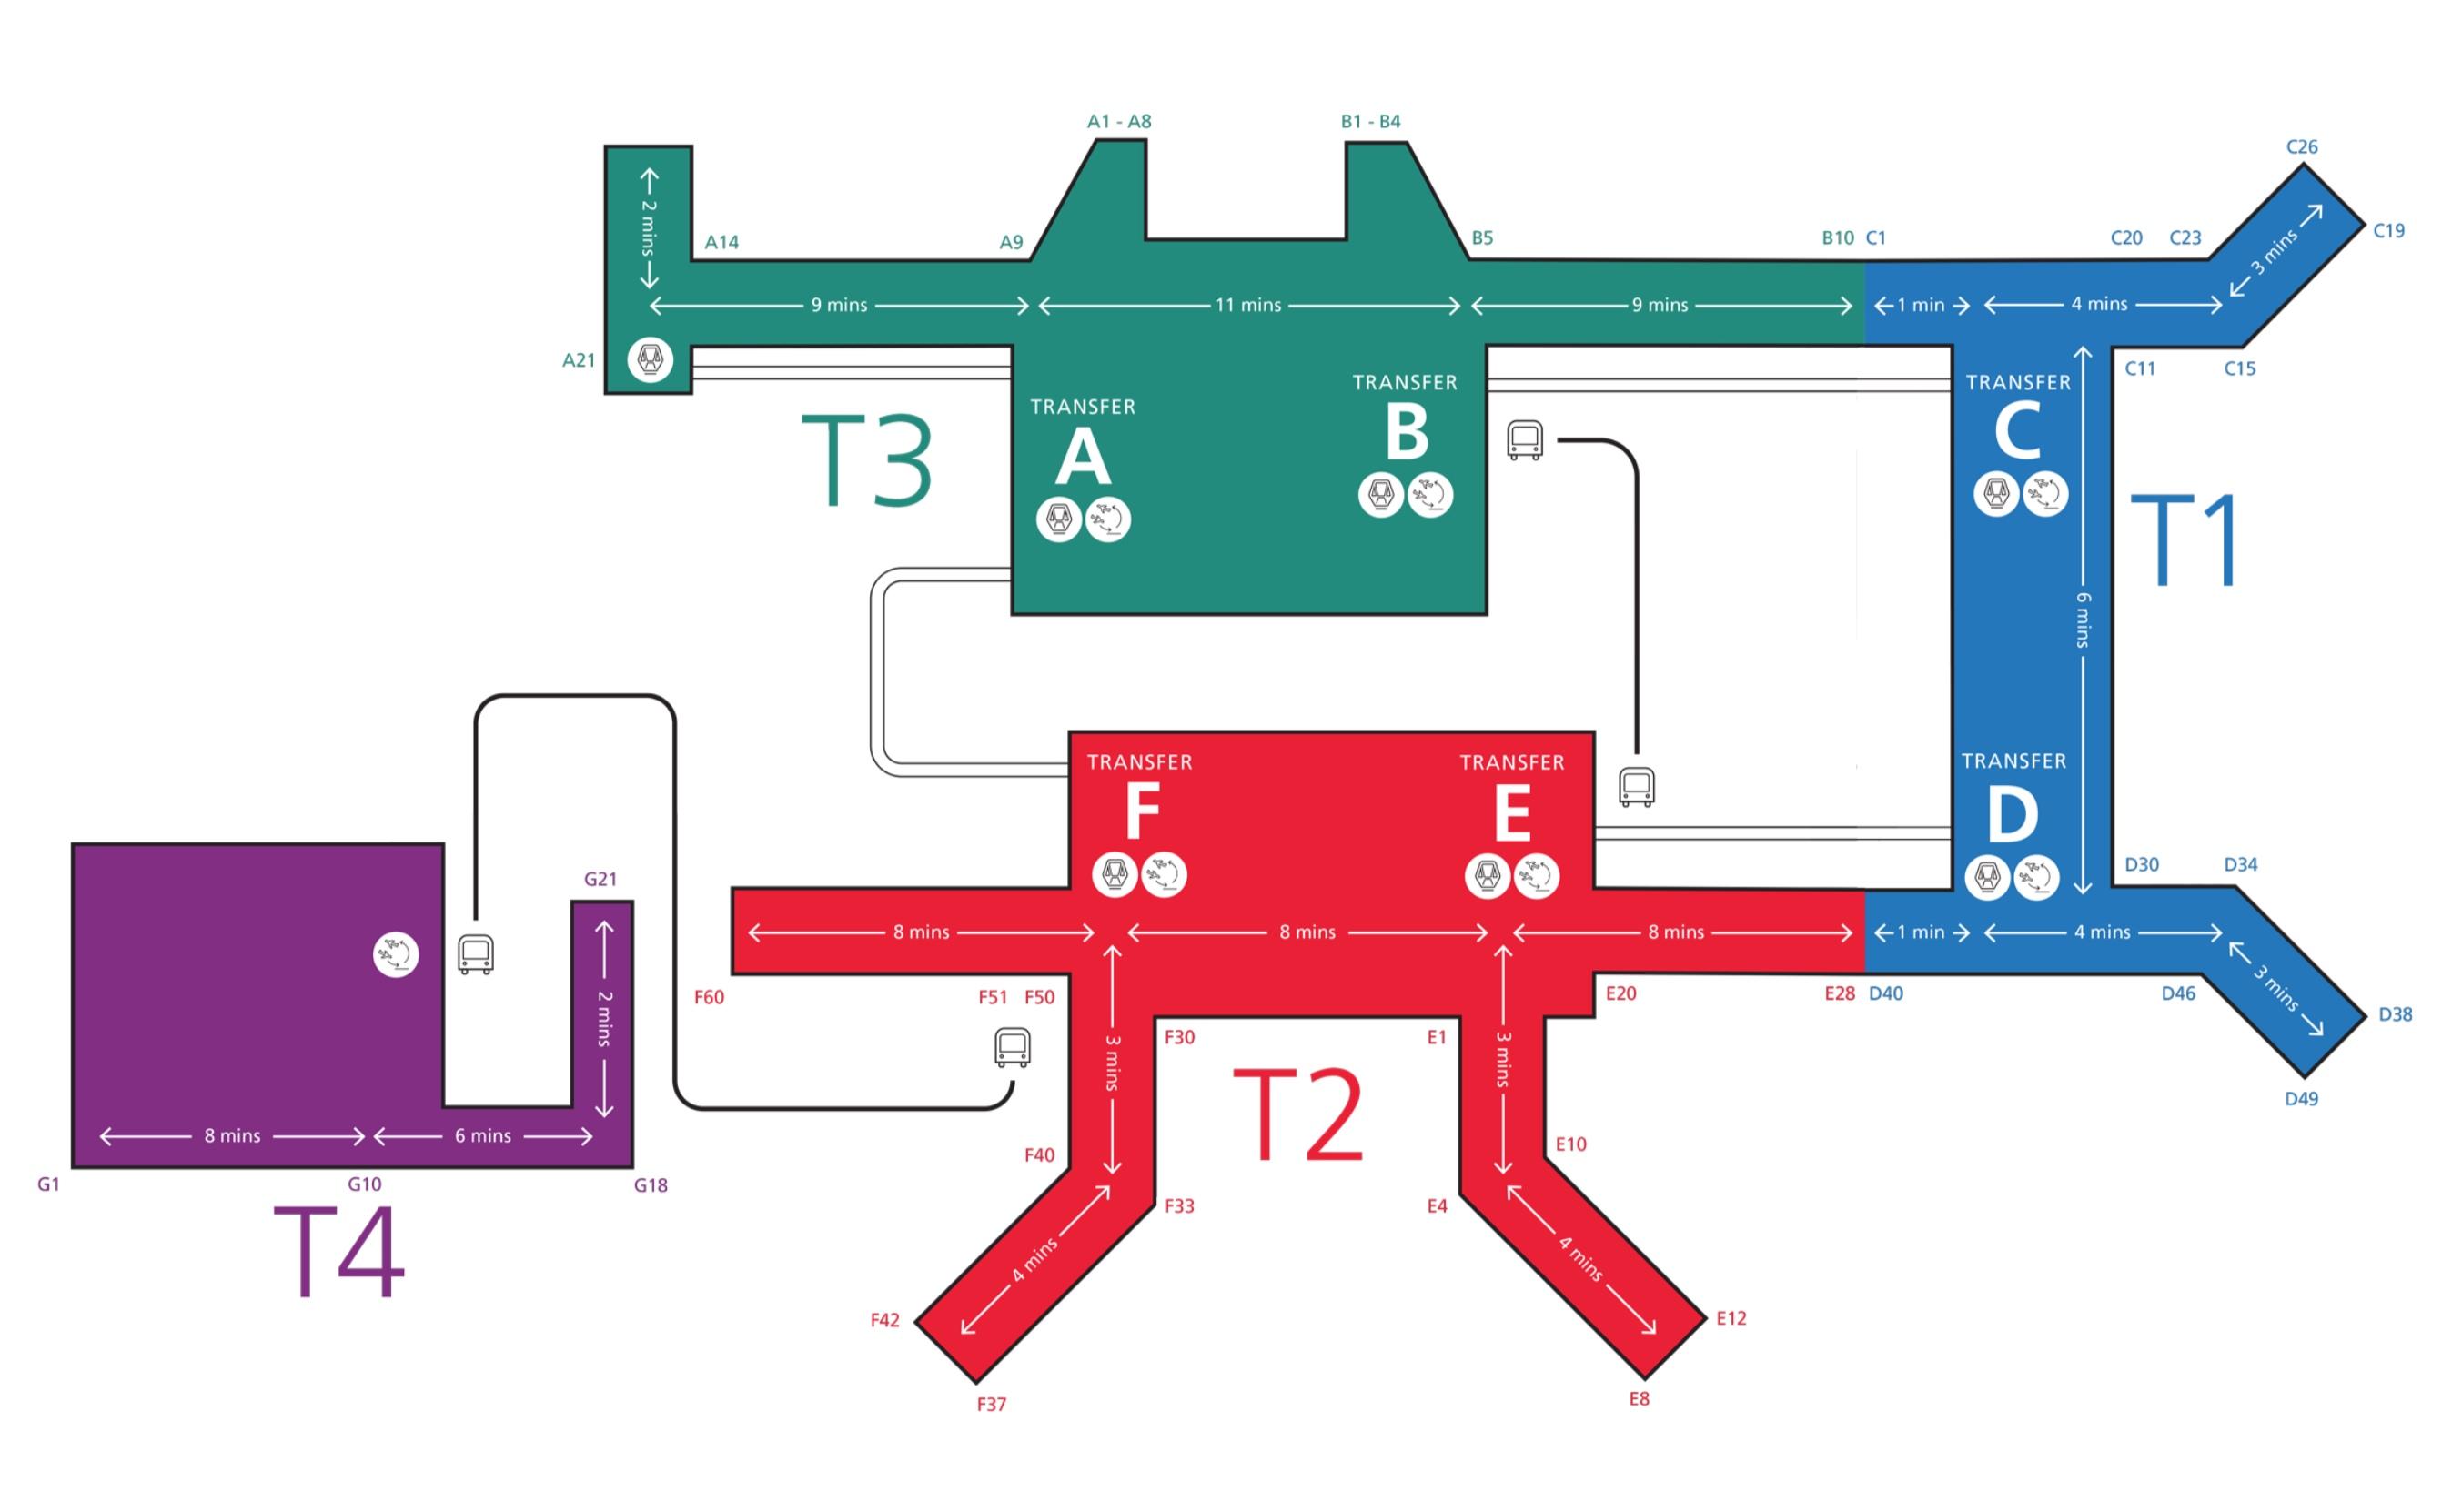 Карта терминалов аэропорта Чанги в Сингапуре